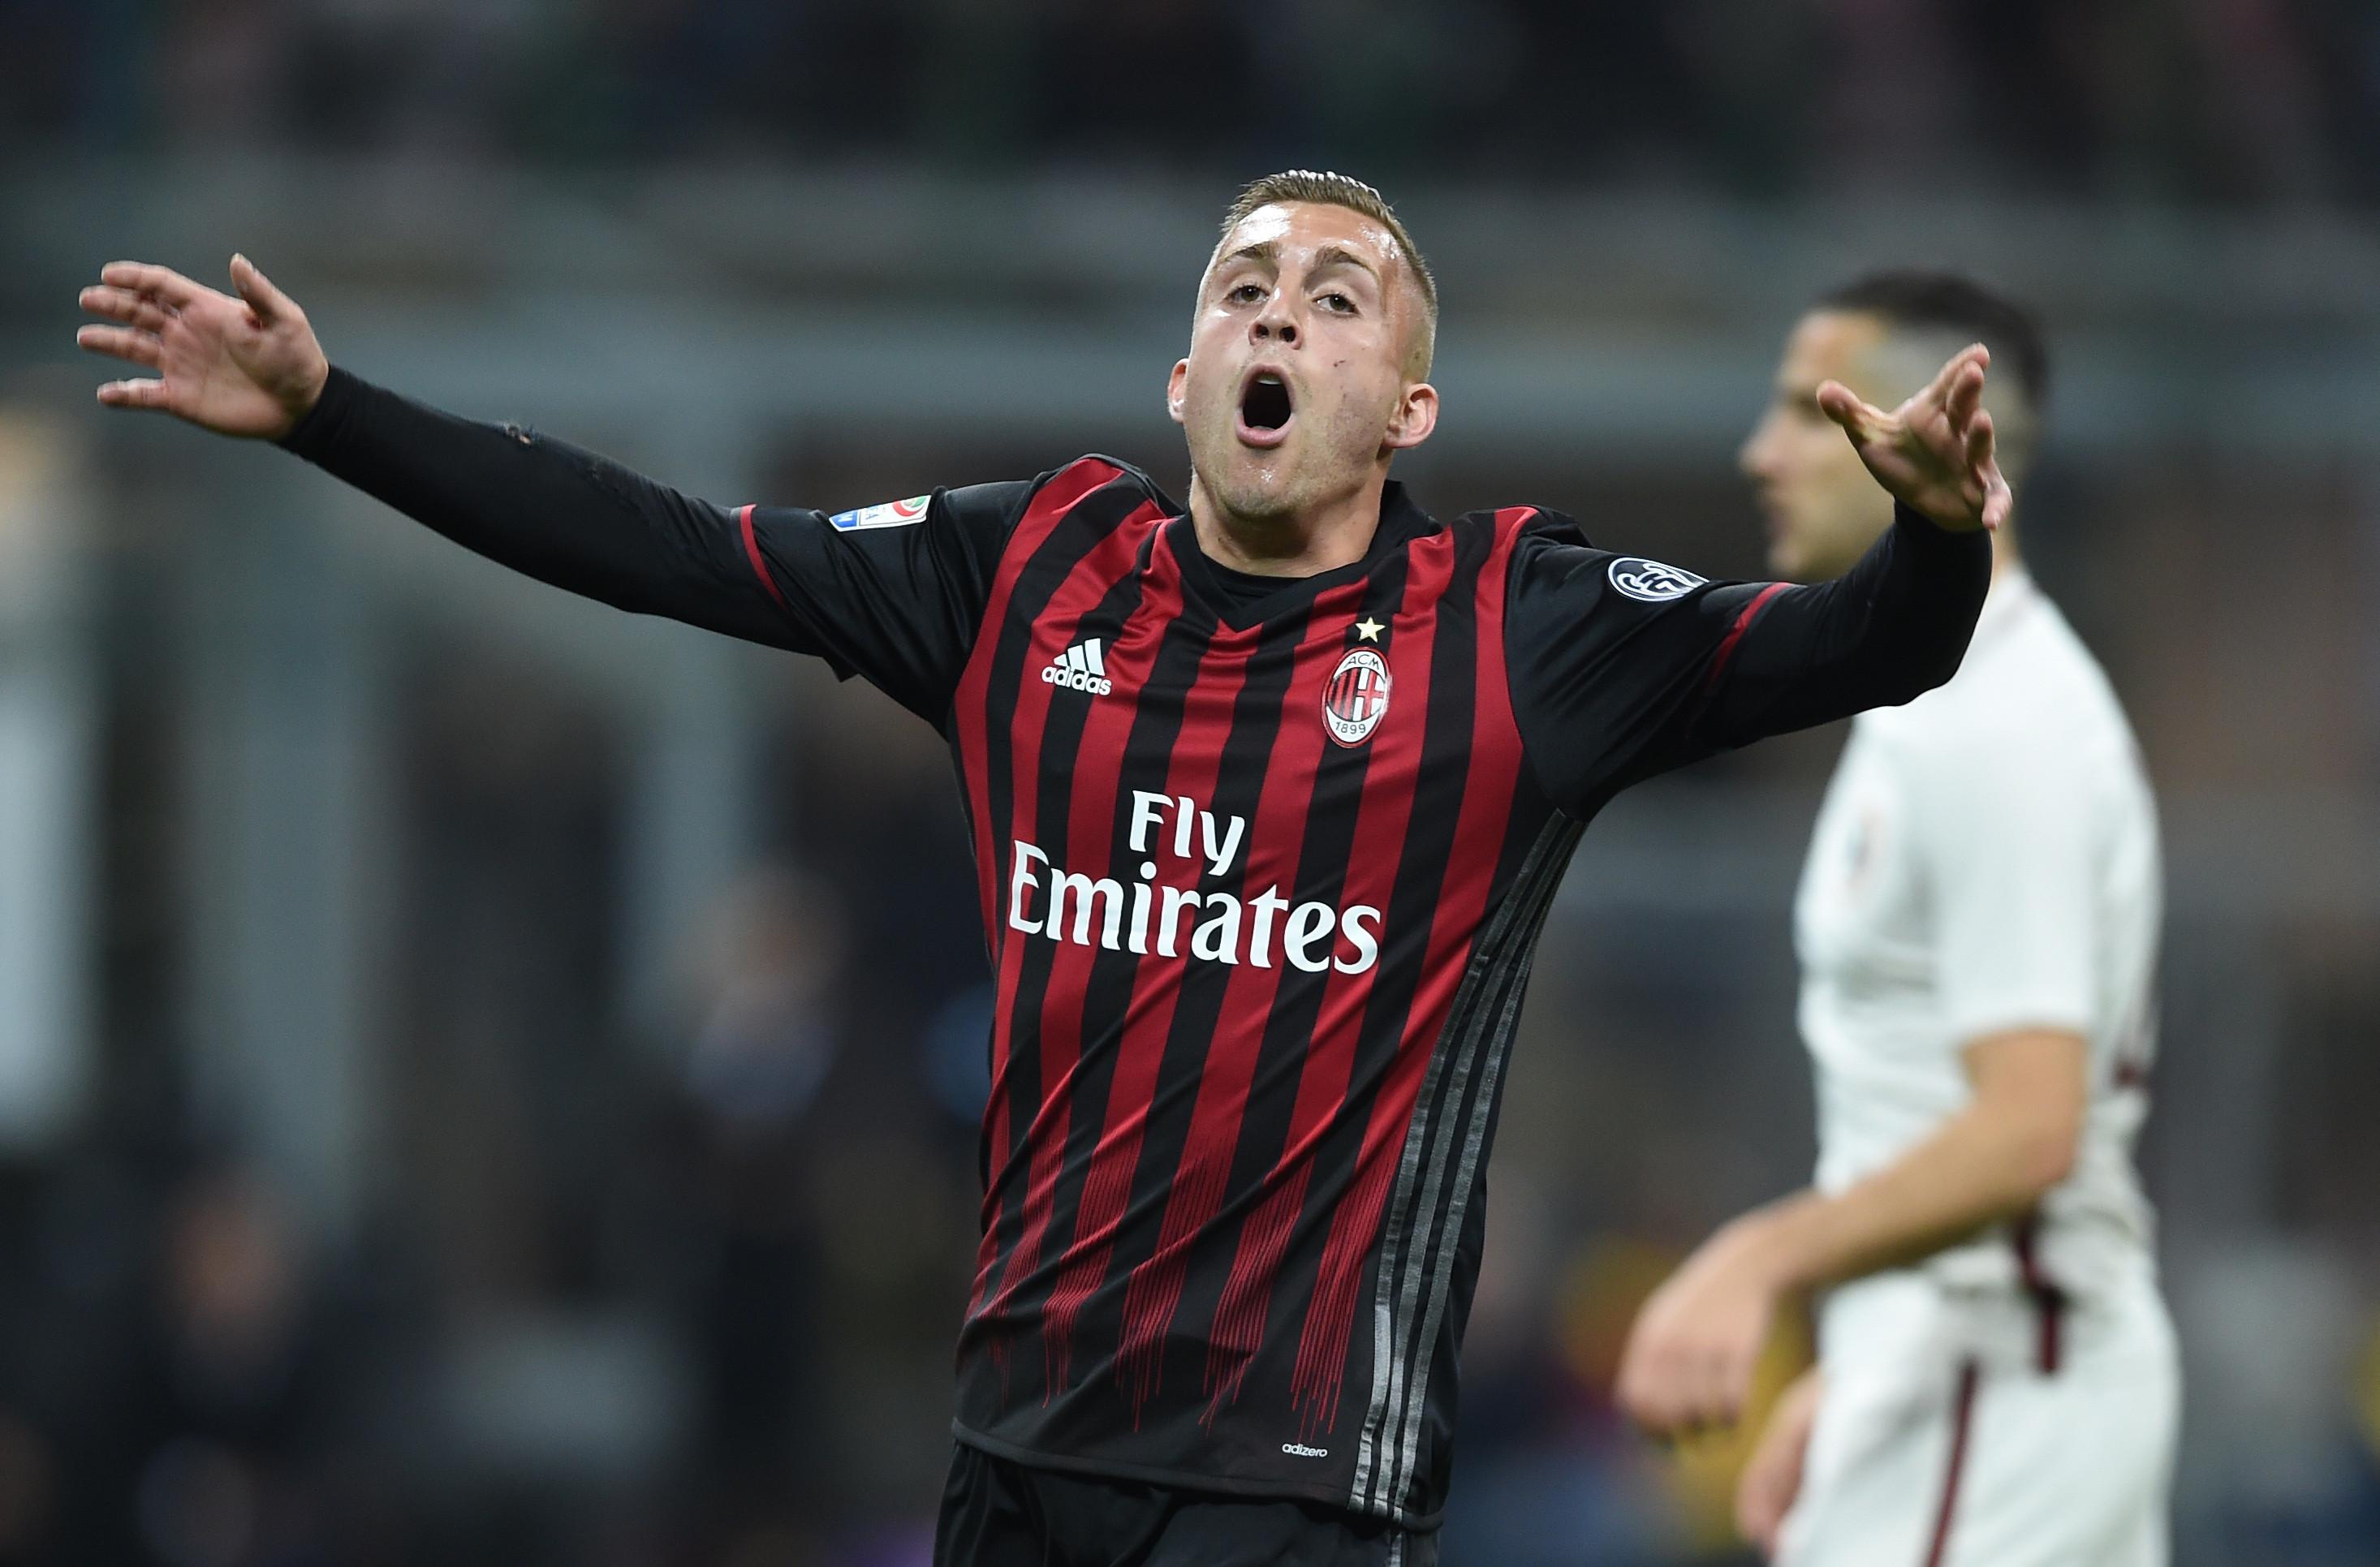 Gerard Deulofeu menjadi salah satu pemain andalan AC Milan di paruh kedua musim 2016/2017. (FILIPPO MONTEFORTE / AFP)